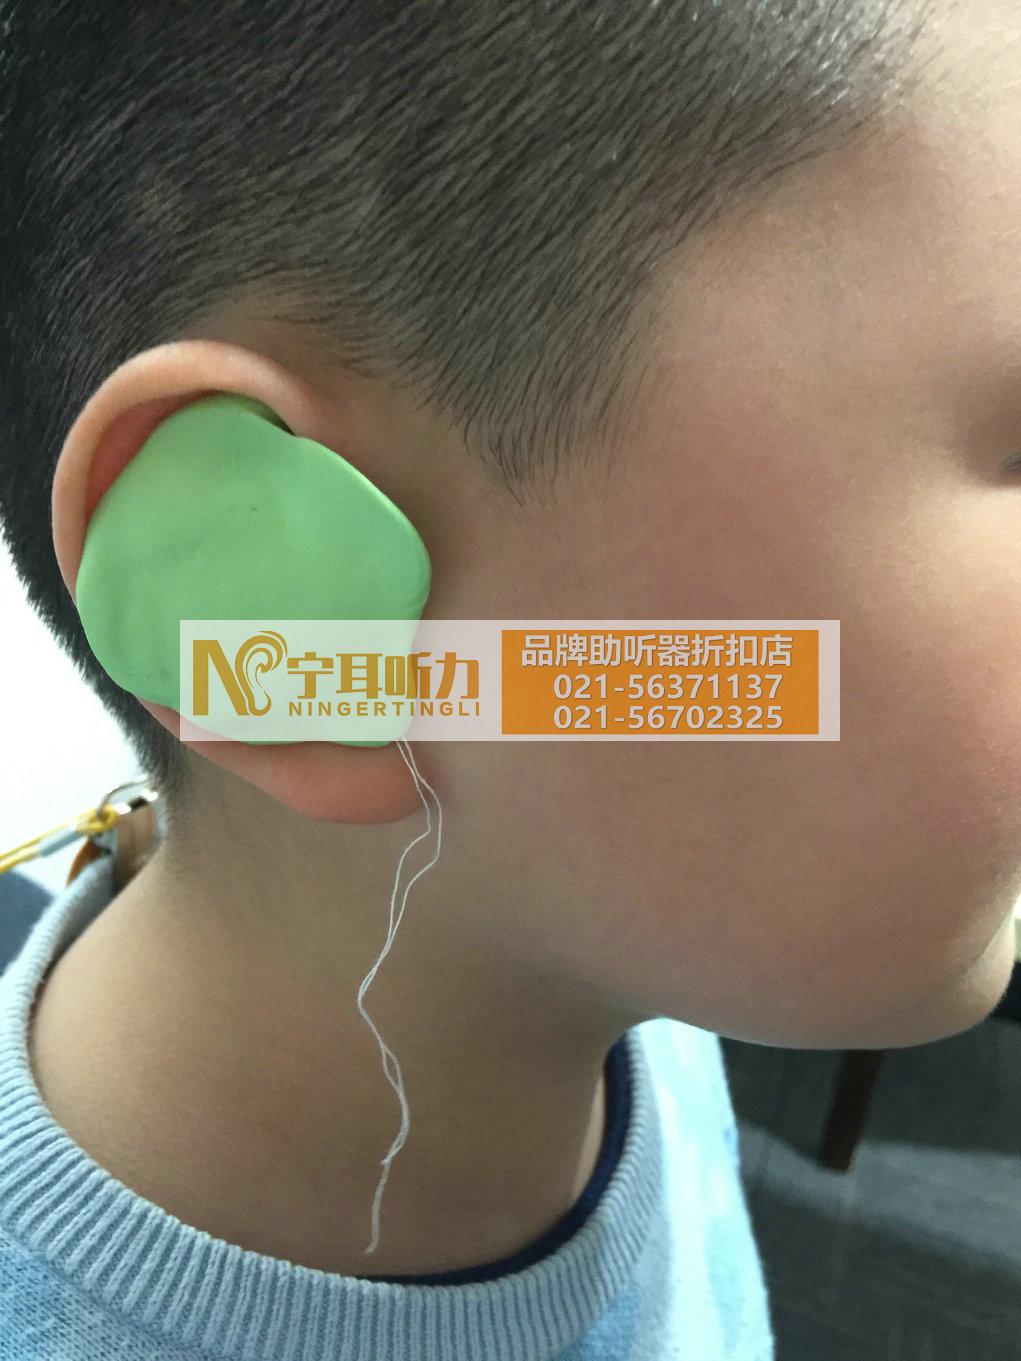 上海哪有卖奉贤儿童助听器的